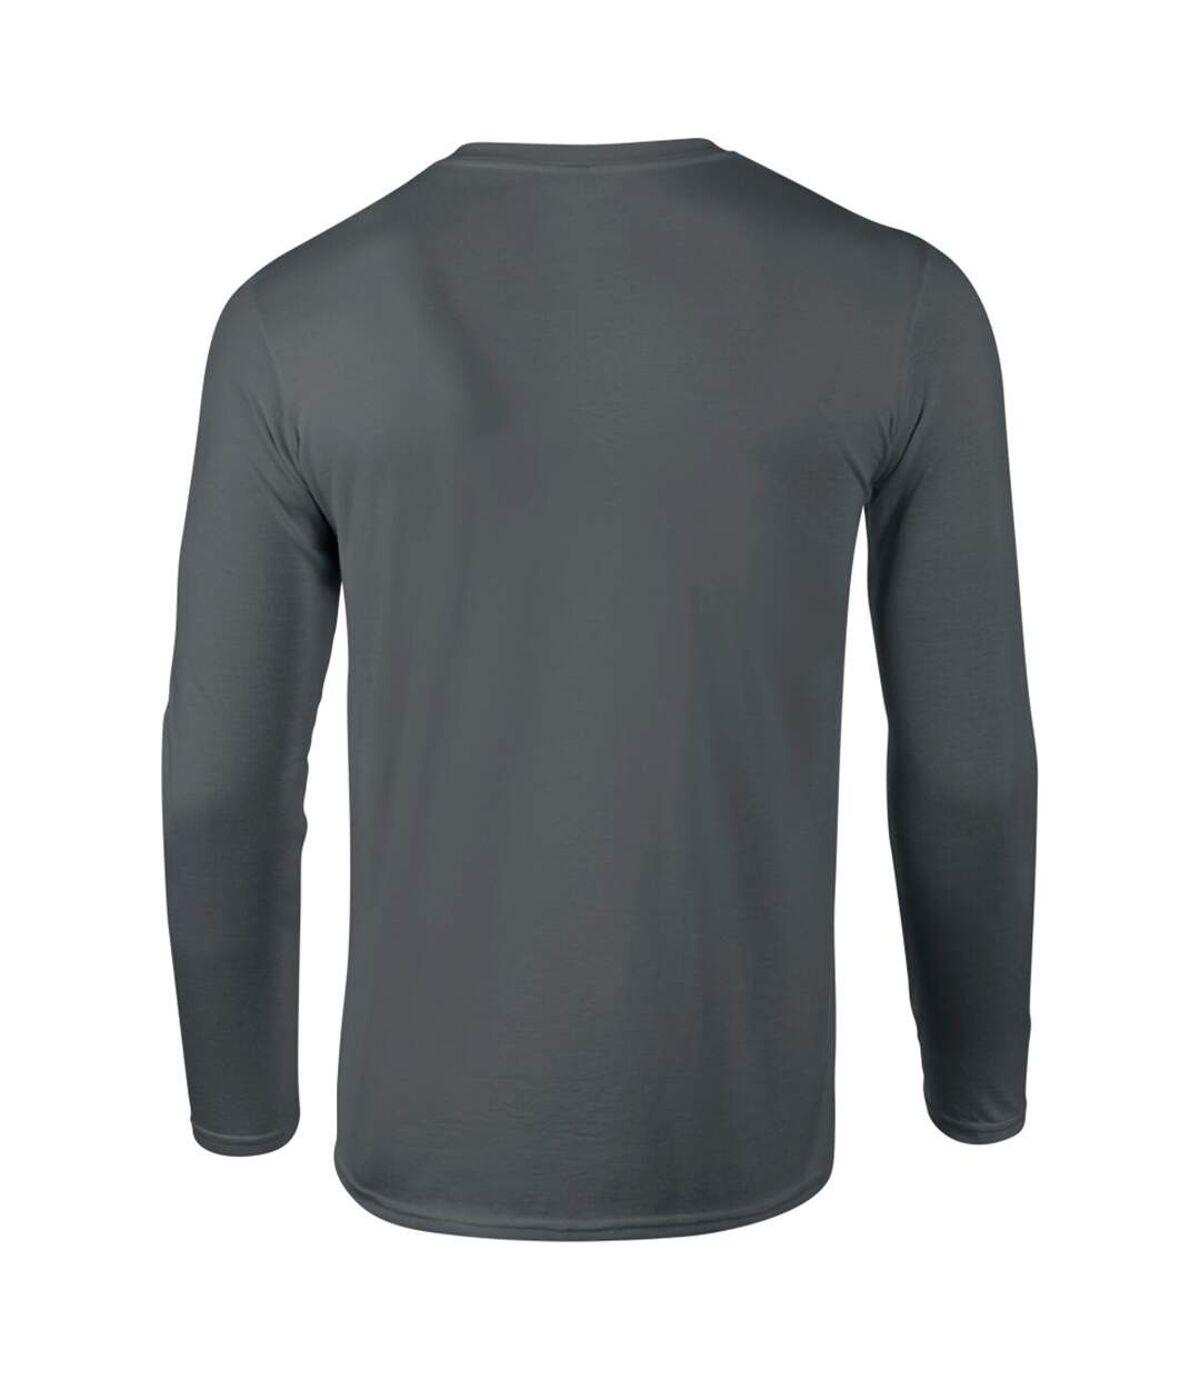 T-shirt à manches longues Gildan pour homme (Gris foncé) - UTBC488